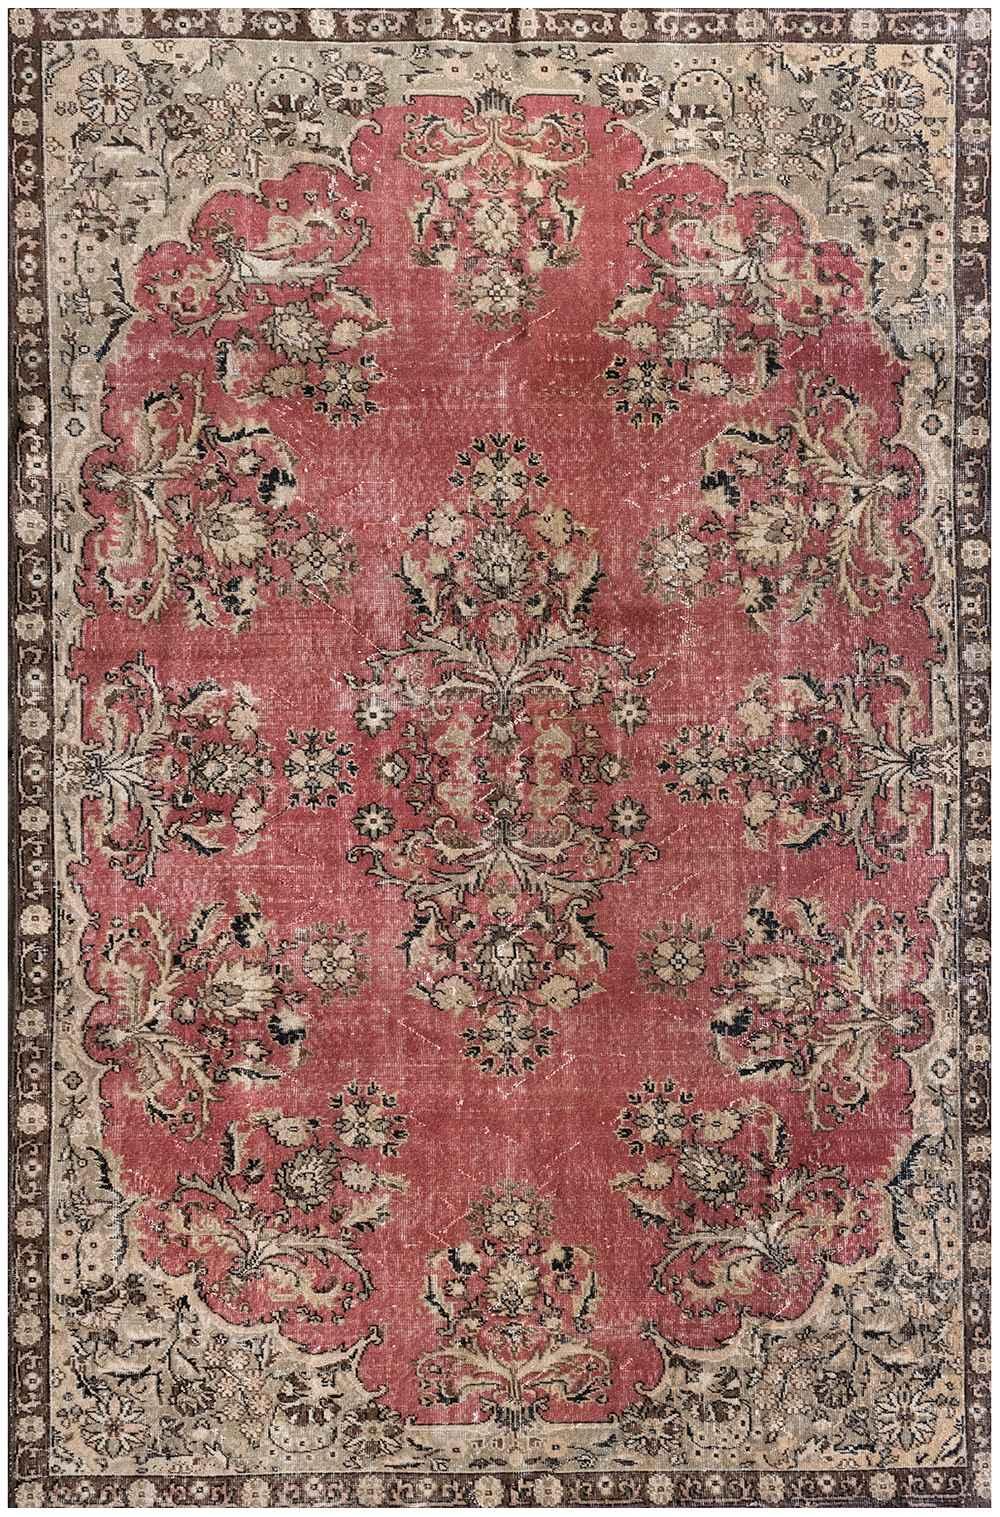 Alfombra Vintage DT 2344- Image 1